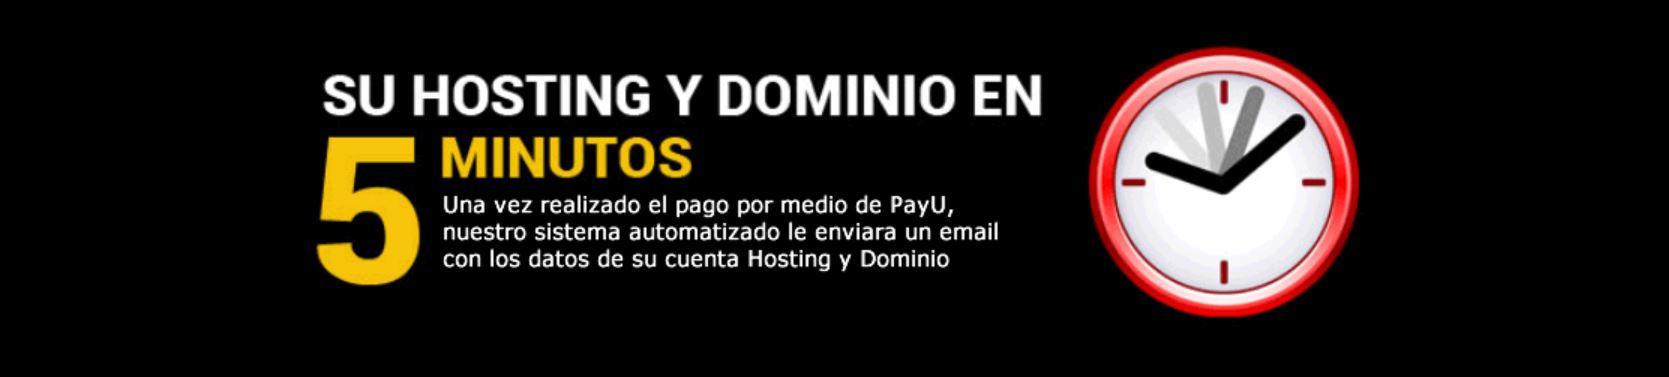 El dominio viene incluído en la mayoría de hosting Perú.